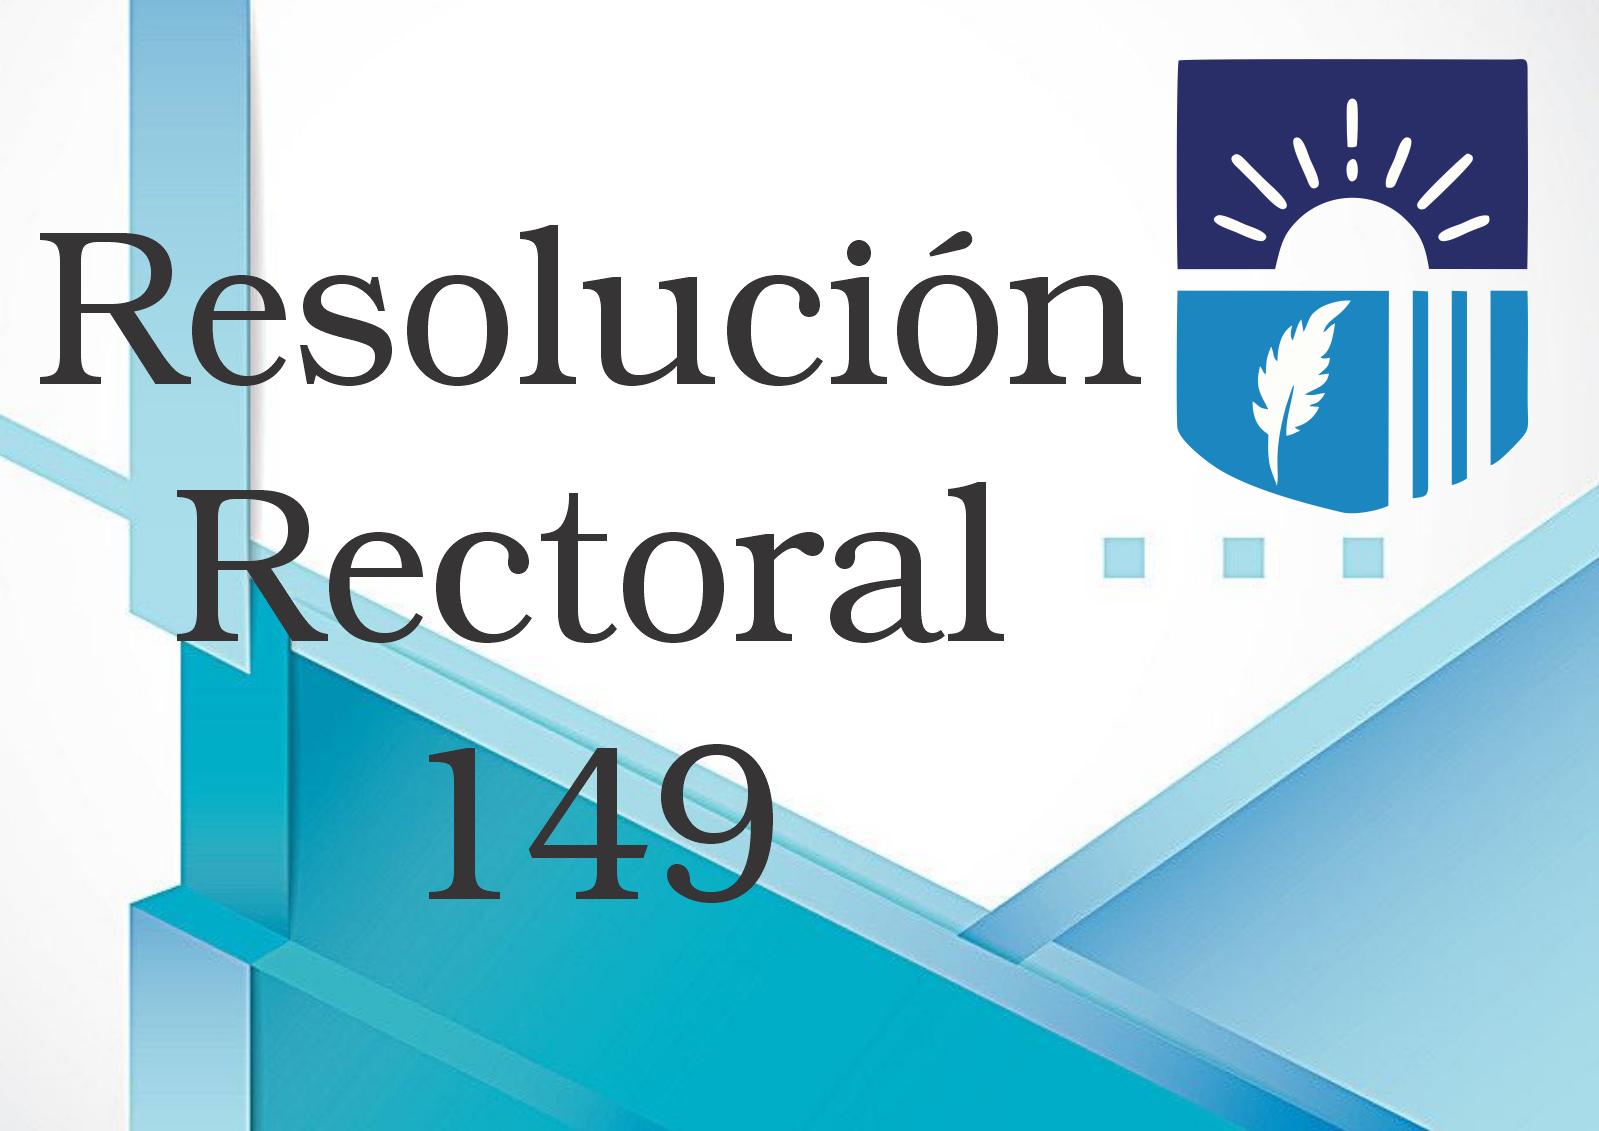 RESOLUCIÓN RECTORAL 149 DE 2020